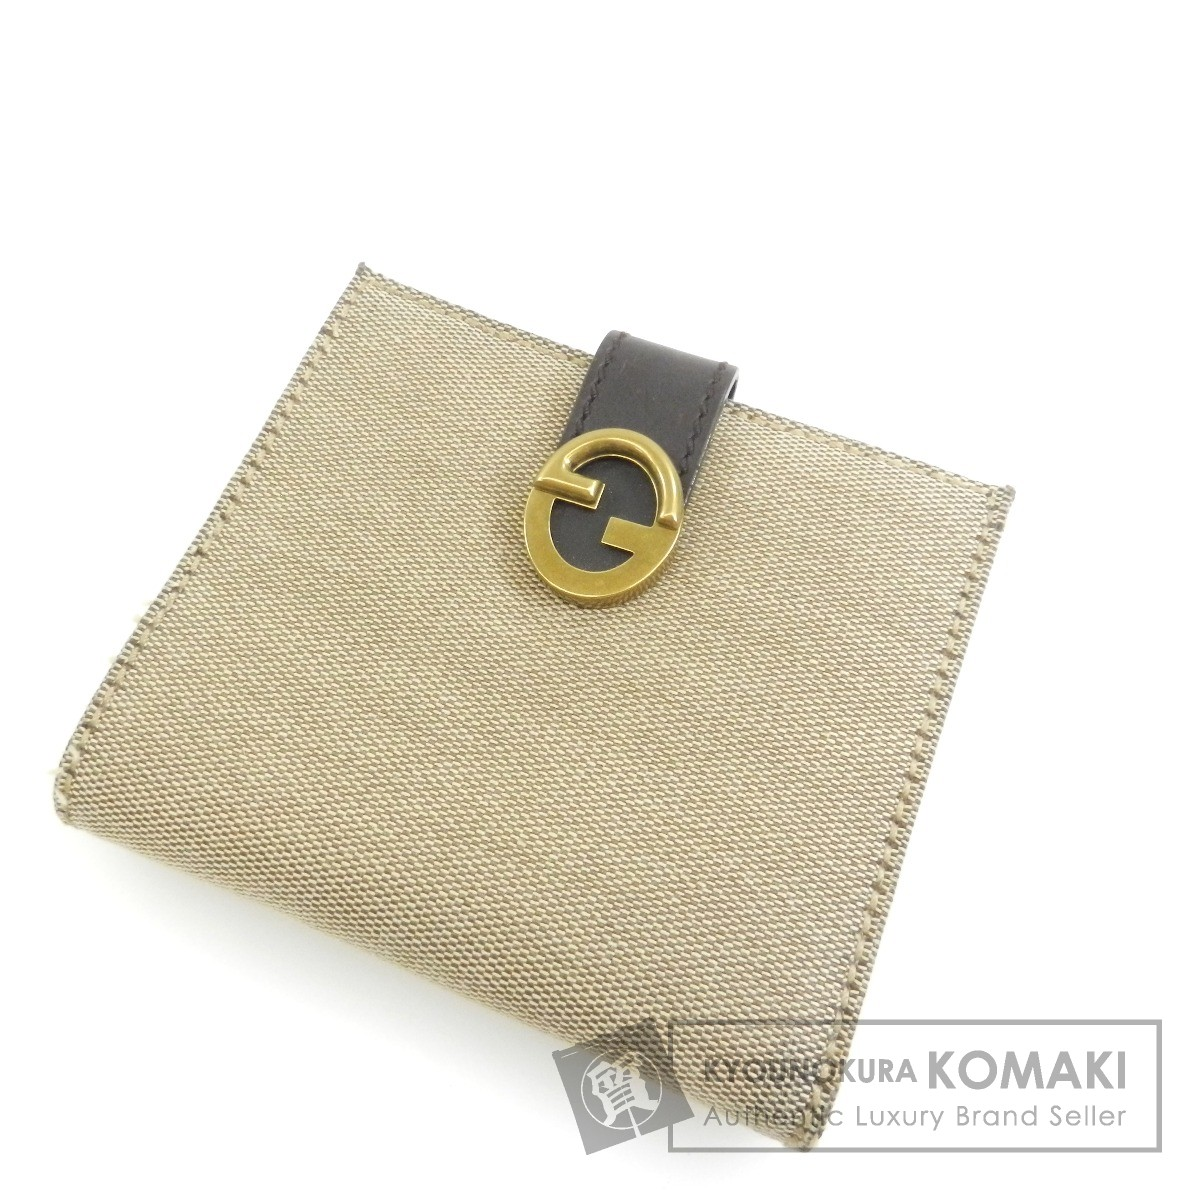 GUCCI ロゴモチーフ 二つ折り財布(小銭入れあり) キャンバス/レザー レディース 【中古】【グッチ】